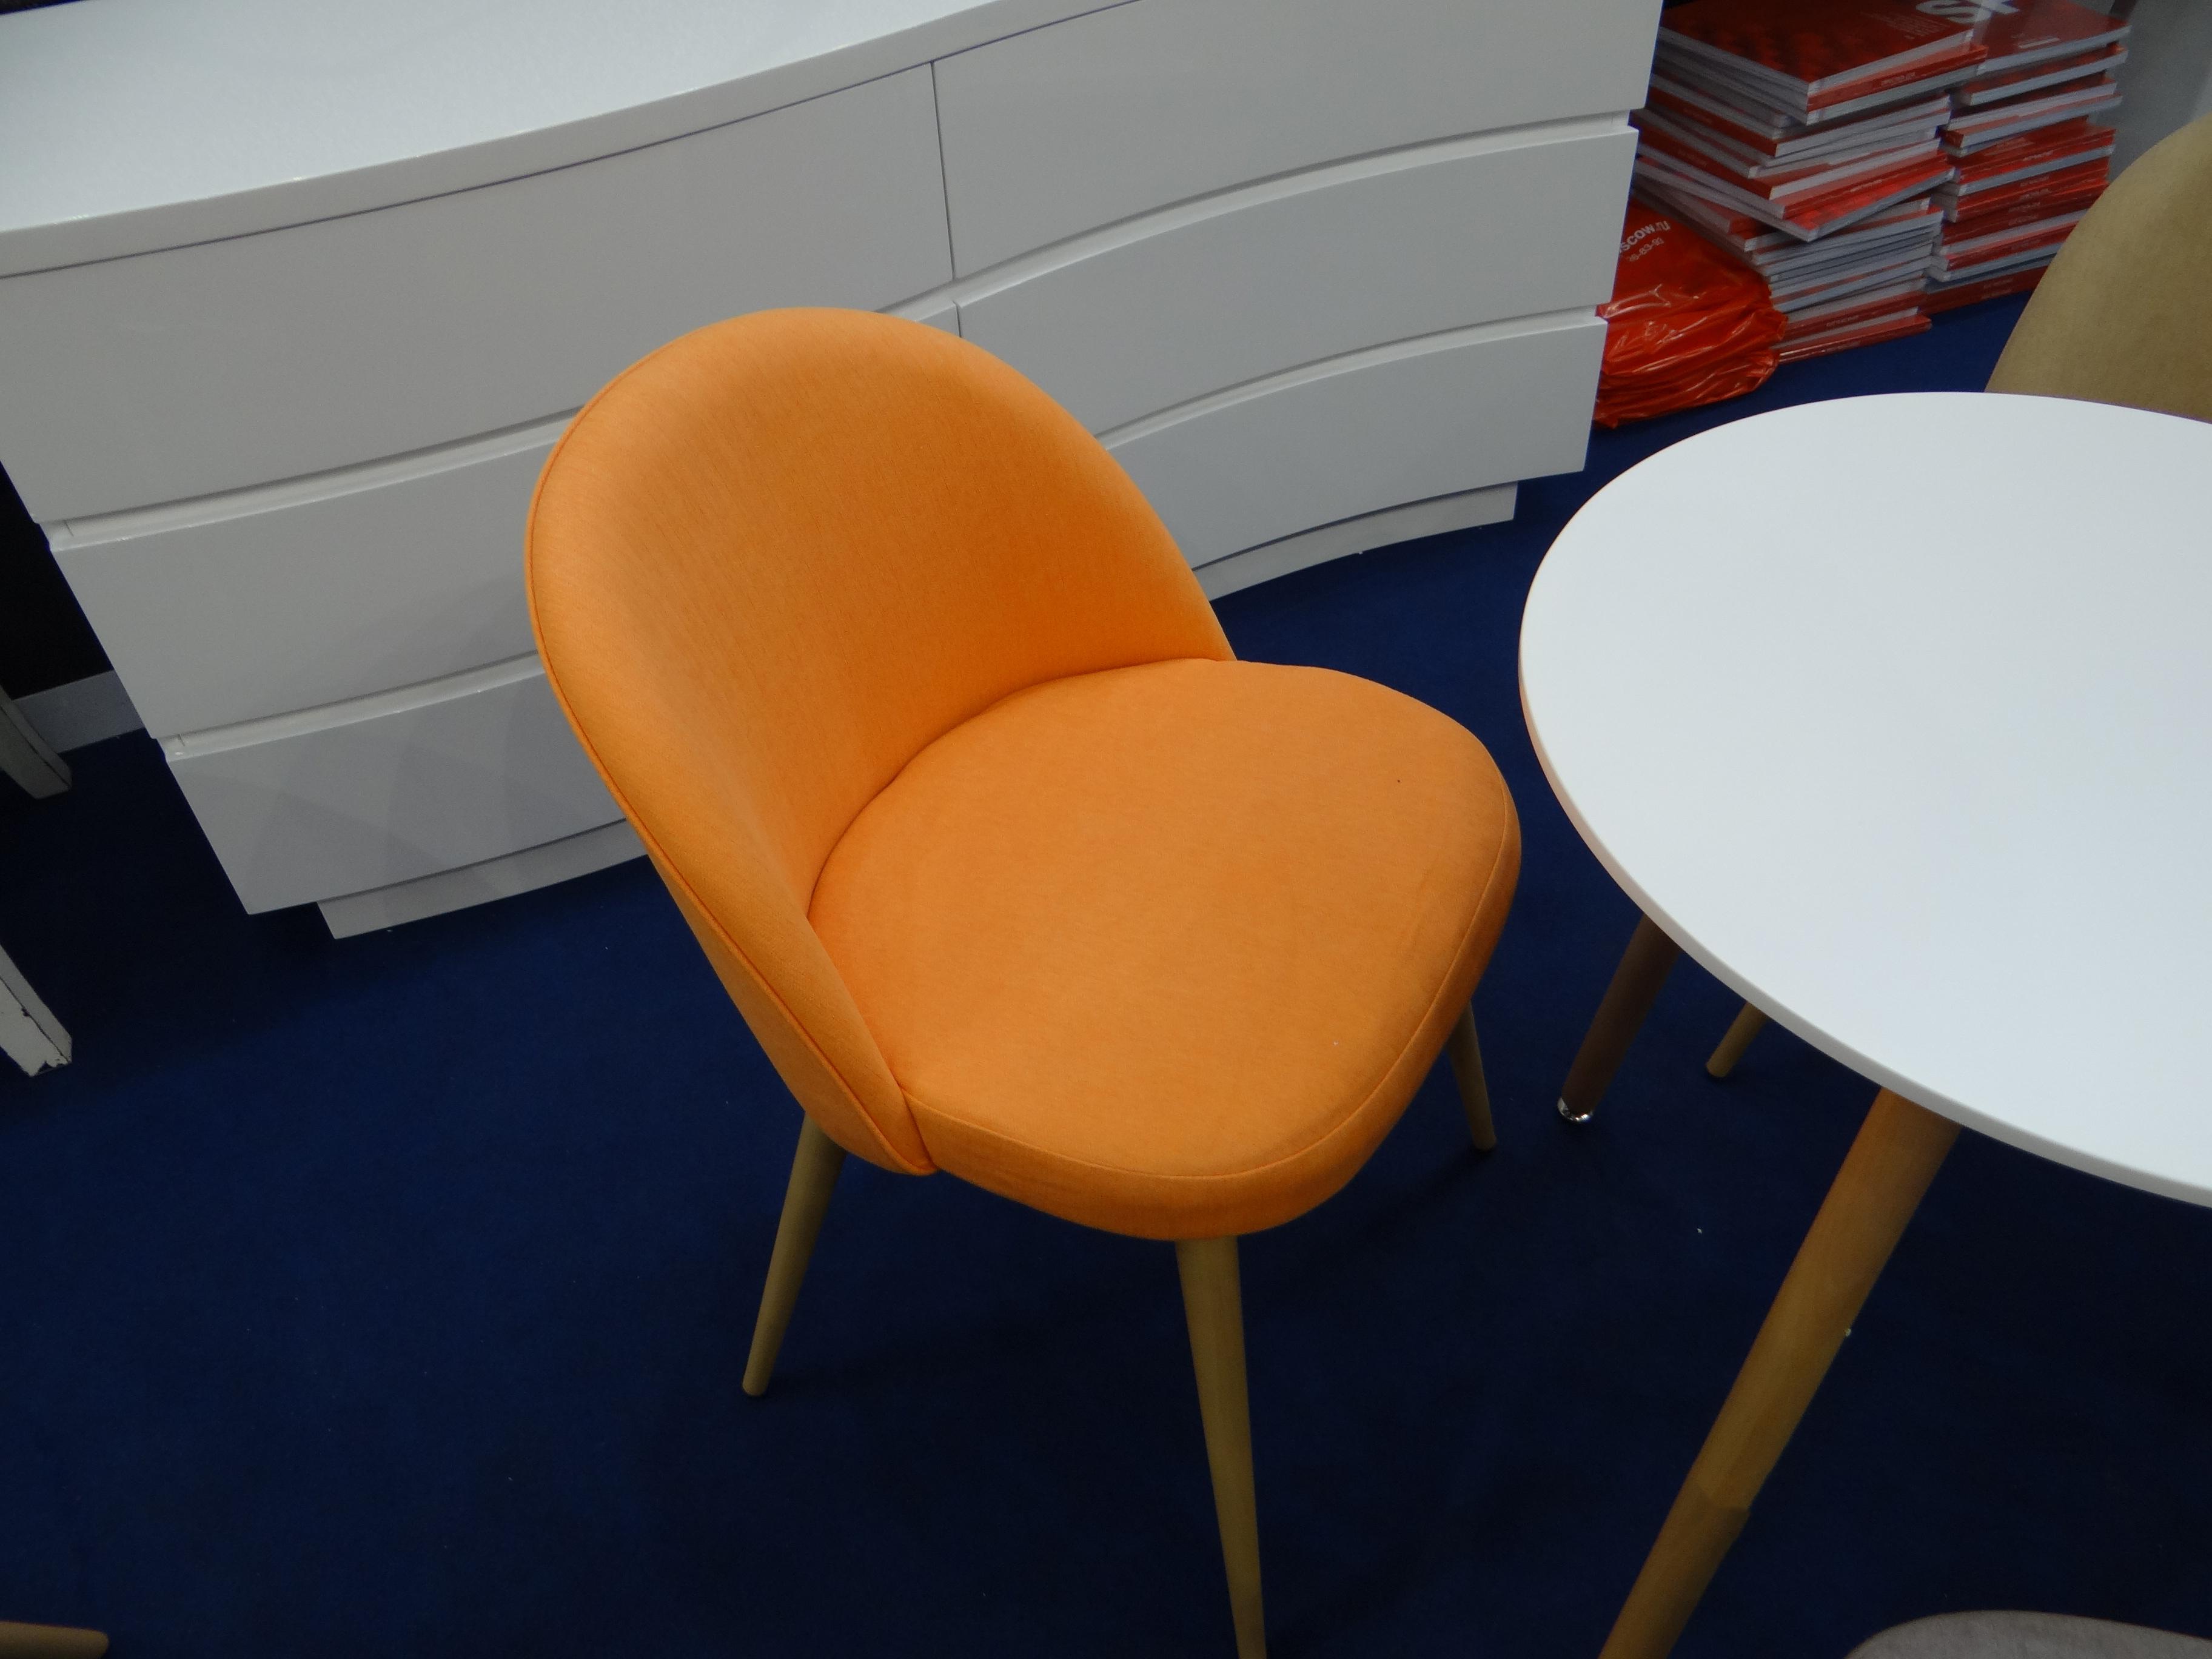 Купить со скидкой Оранжевый стул томас с мягким сидением